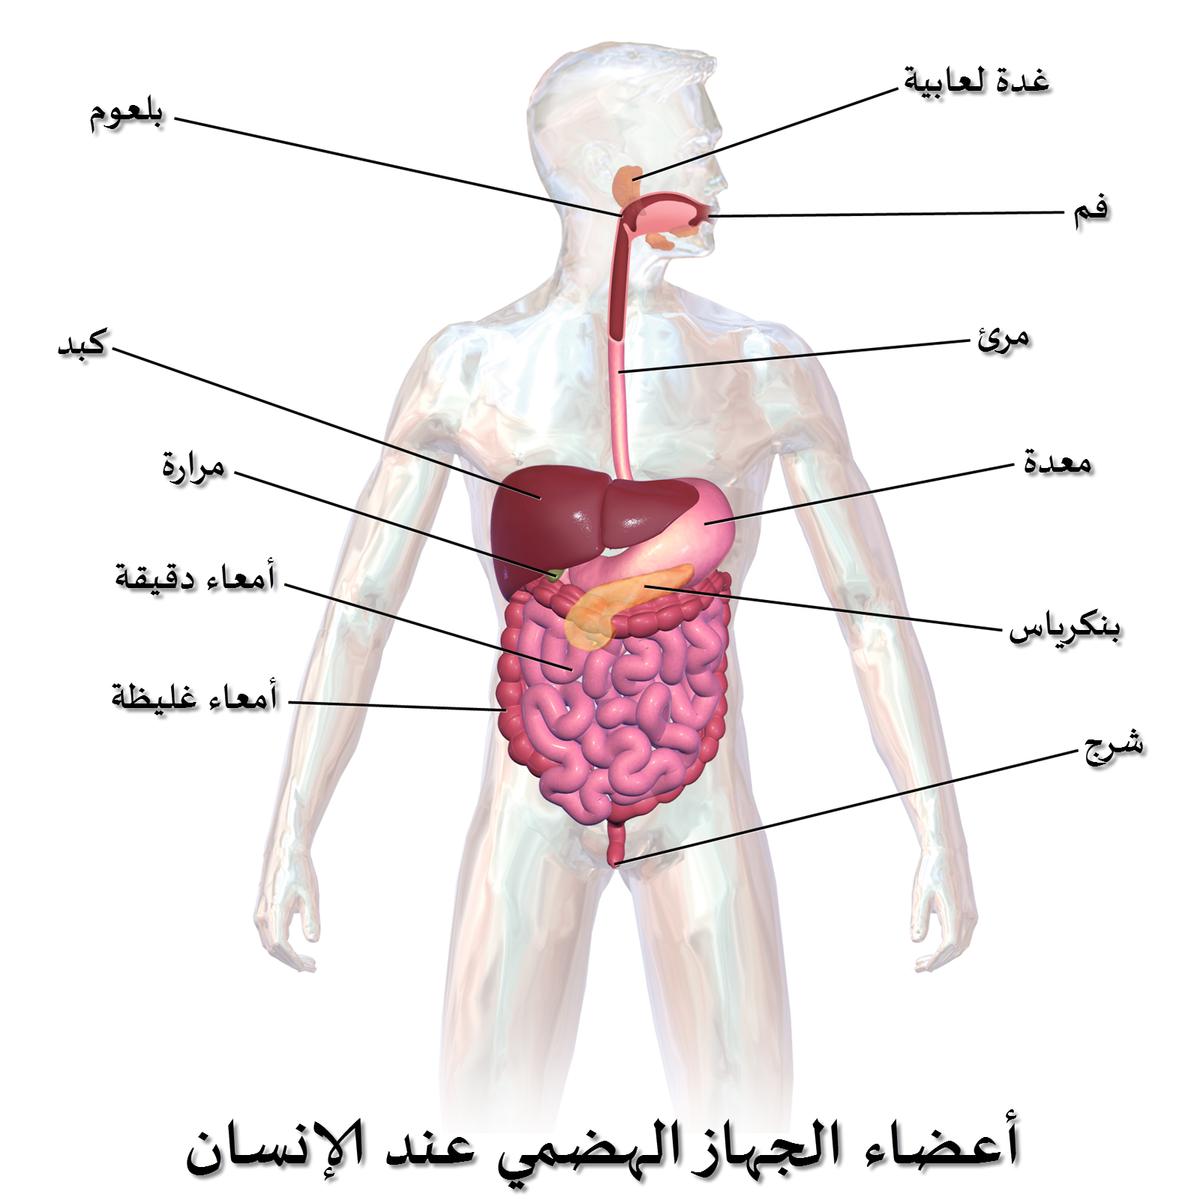 صورة صور لجسم الانسان , مناطق حيوية بجسمنا